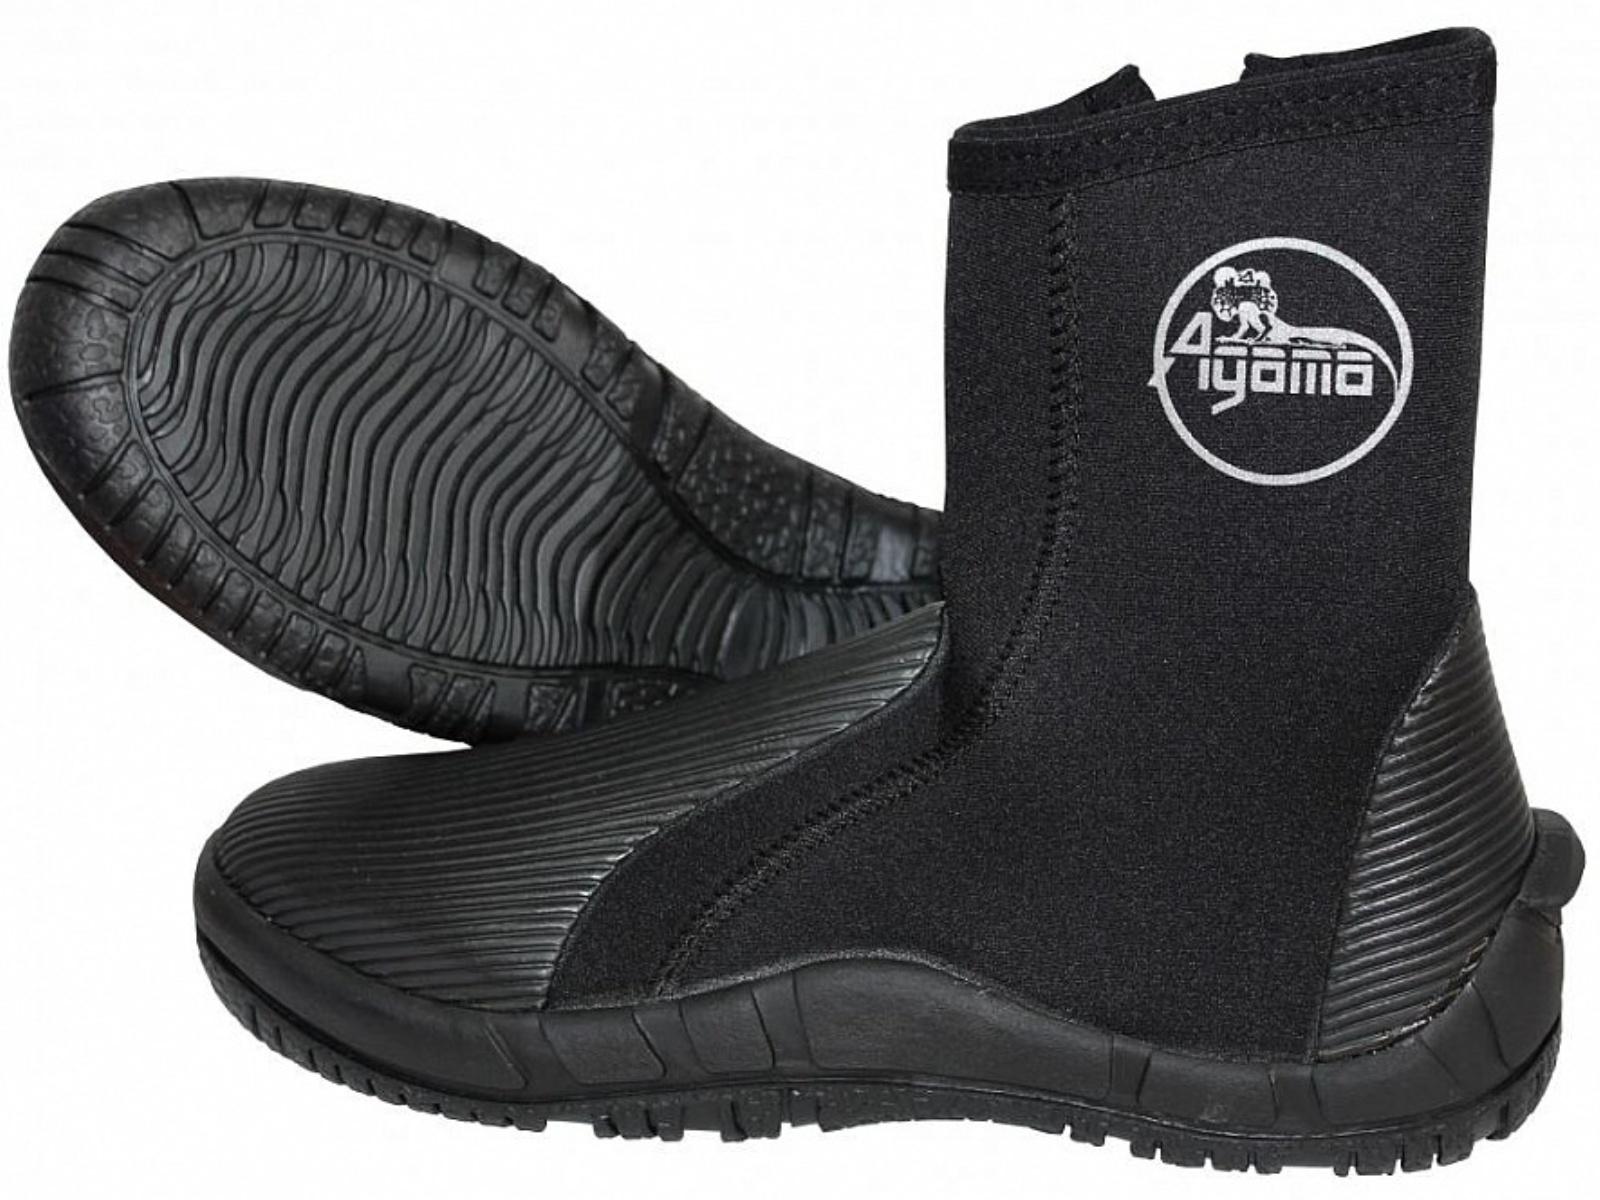 Neoprenové boty AGAMA Warcraft 5 mm - vel. 37-38